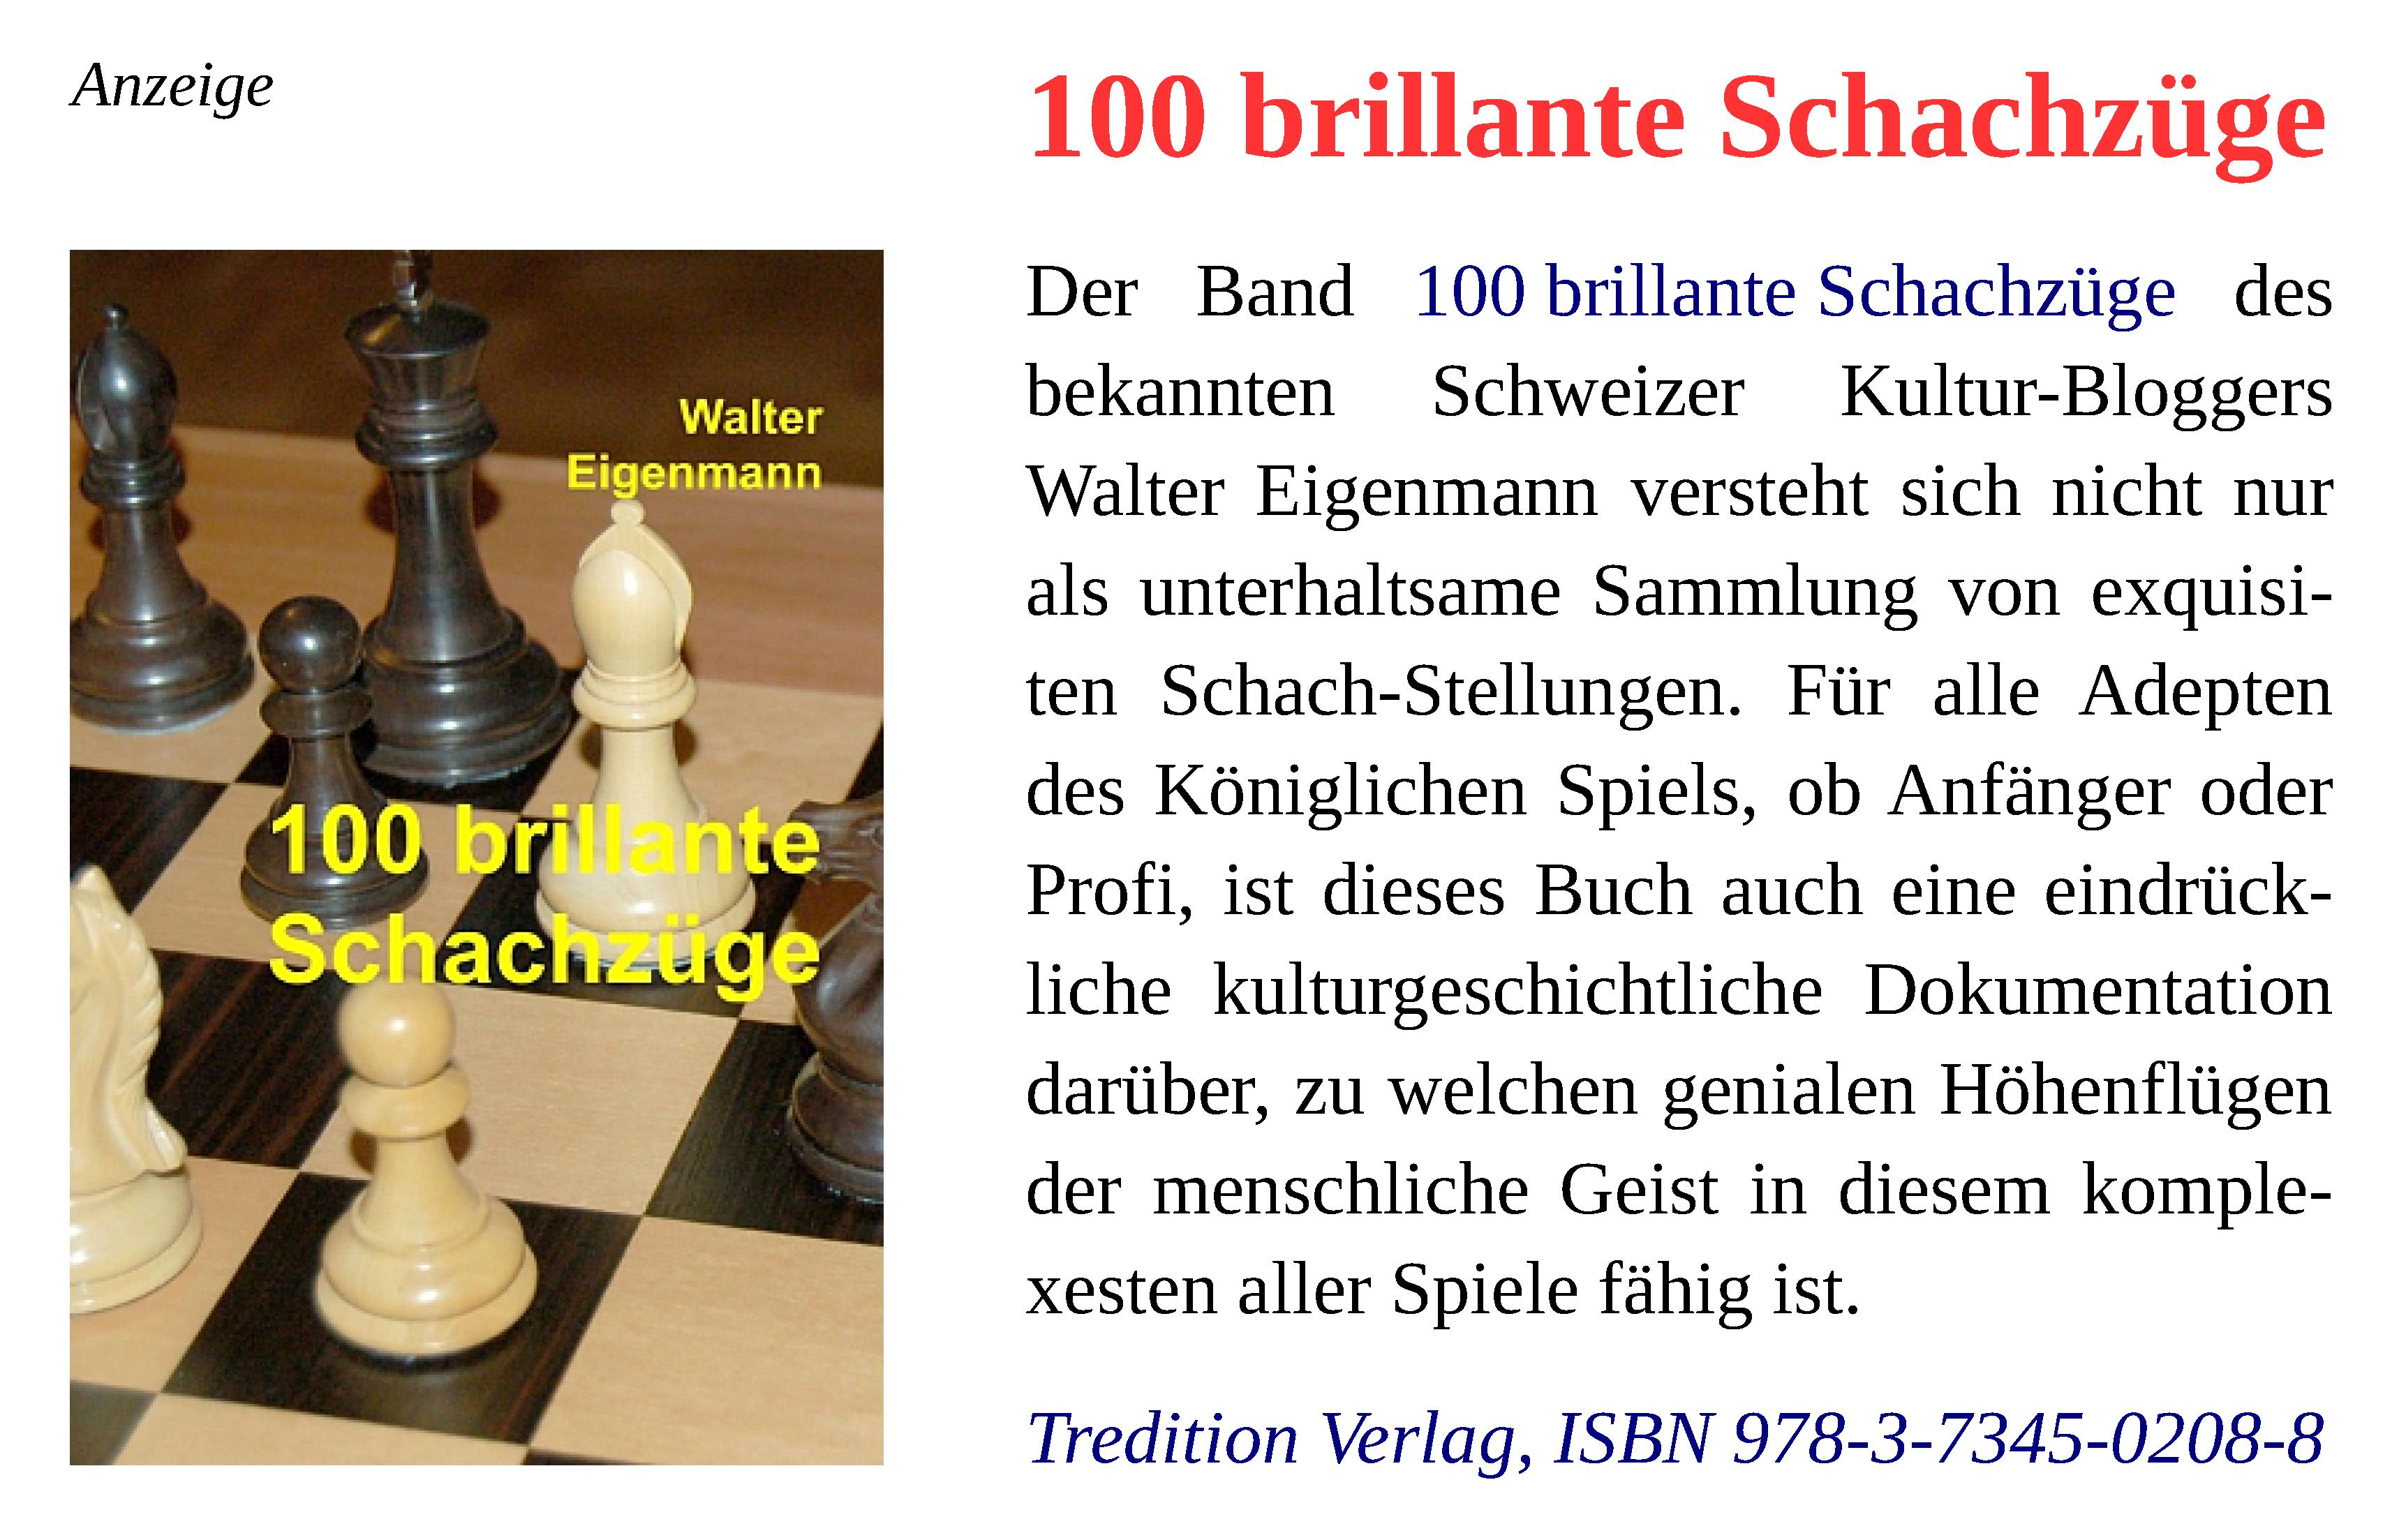 Walter Eigenmann - 100 brillante Schachzüge - Tredition Verlag